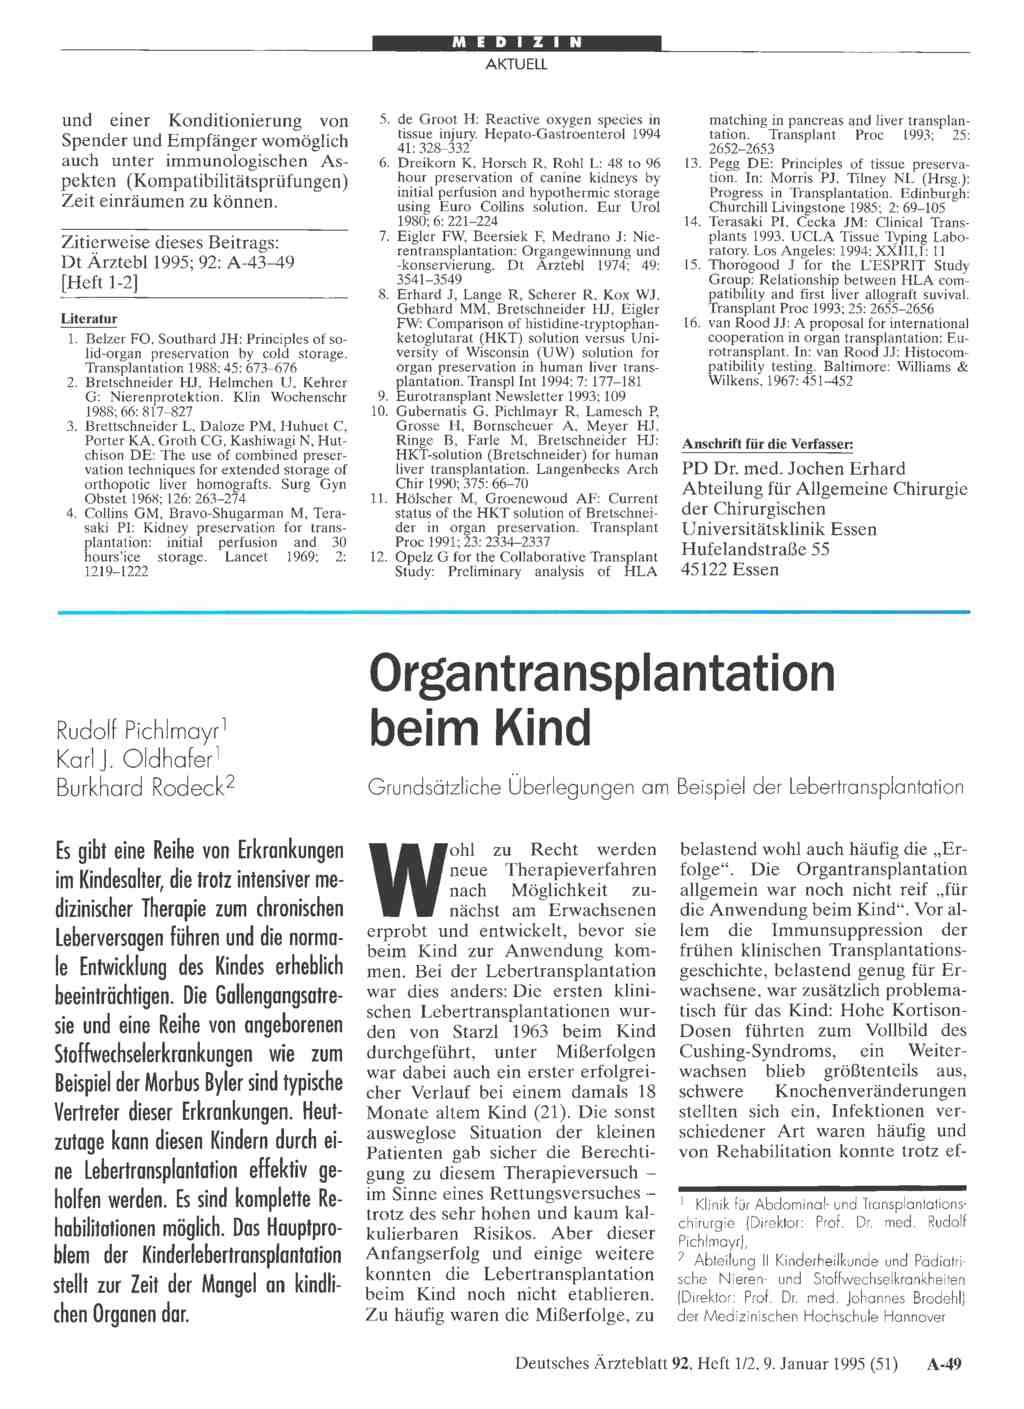 Organtransplantation Beim Kind Grundsätzliche überlegungen Am